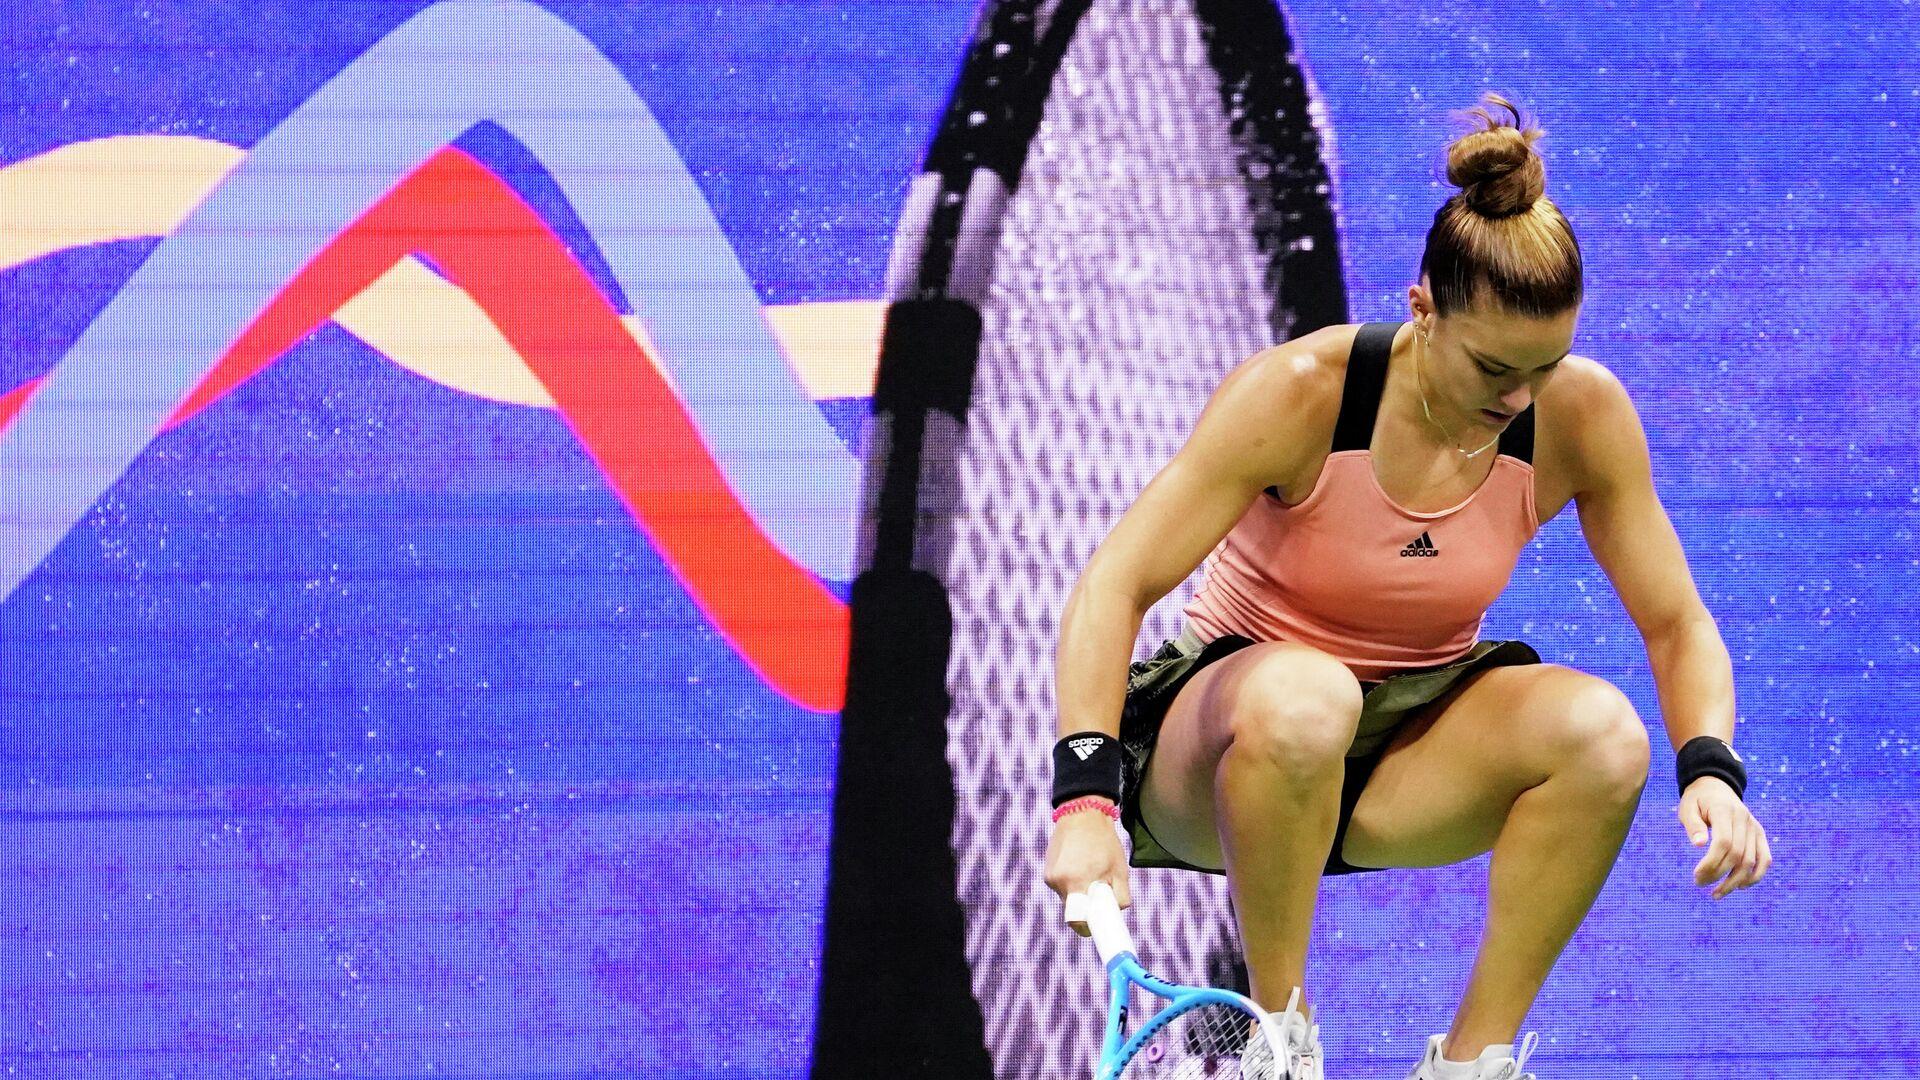 Η Μαρία Σάκκαρη στο US Open - Sputnik Ελλάδα, 1920, 20.09.2021